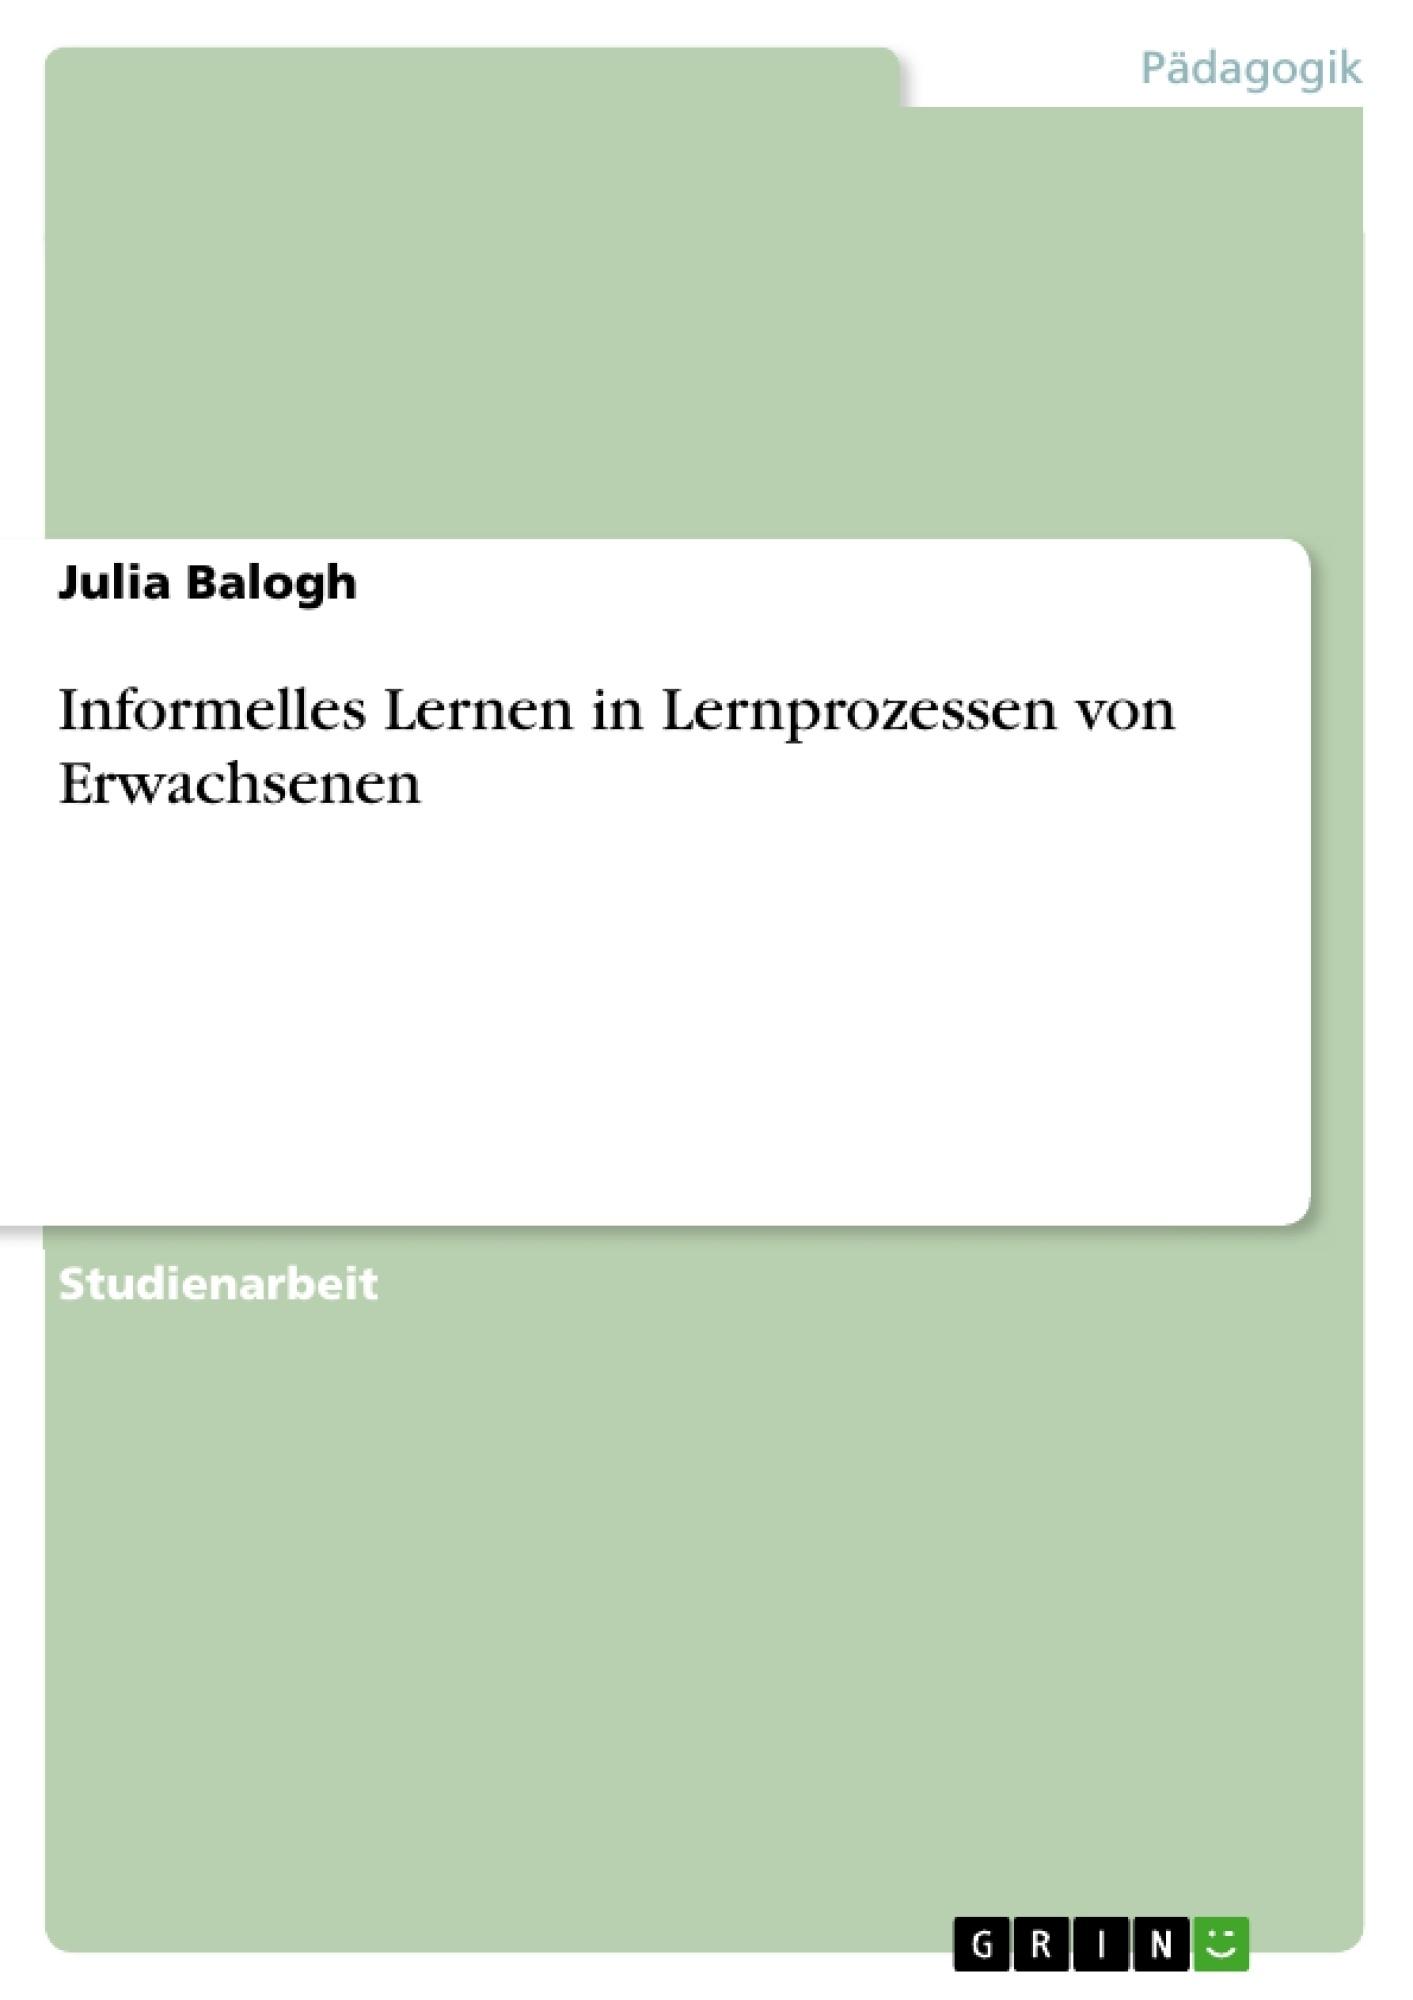 Titel: Informelles Lernen in Lernprozessen von Erwachsenen